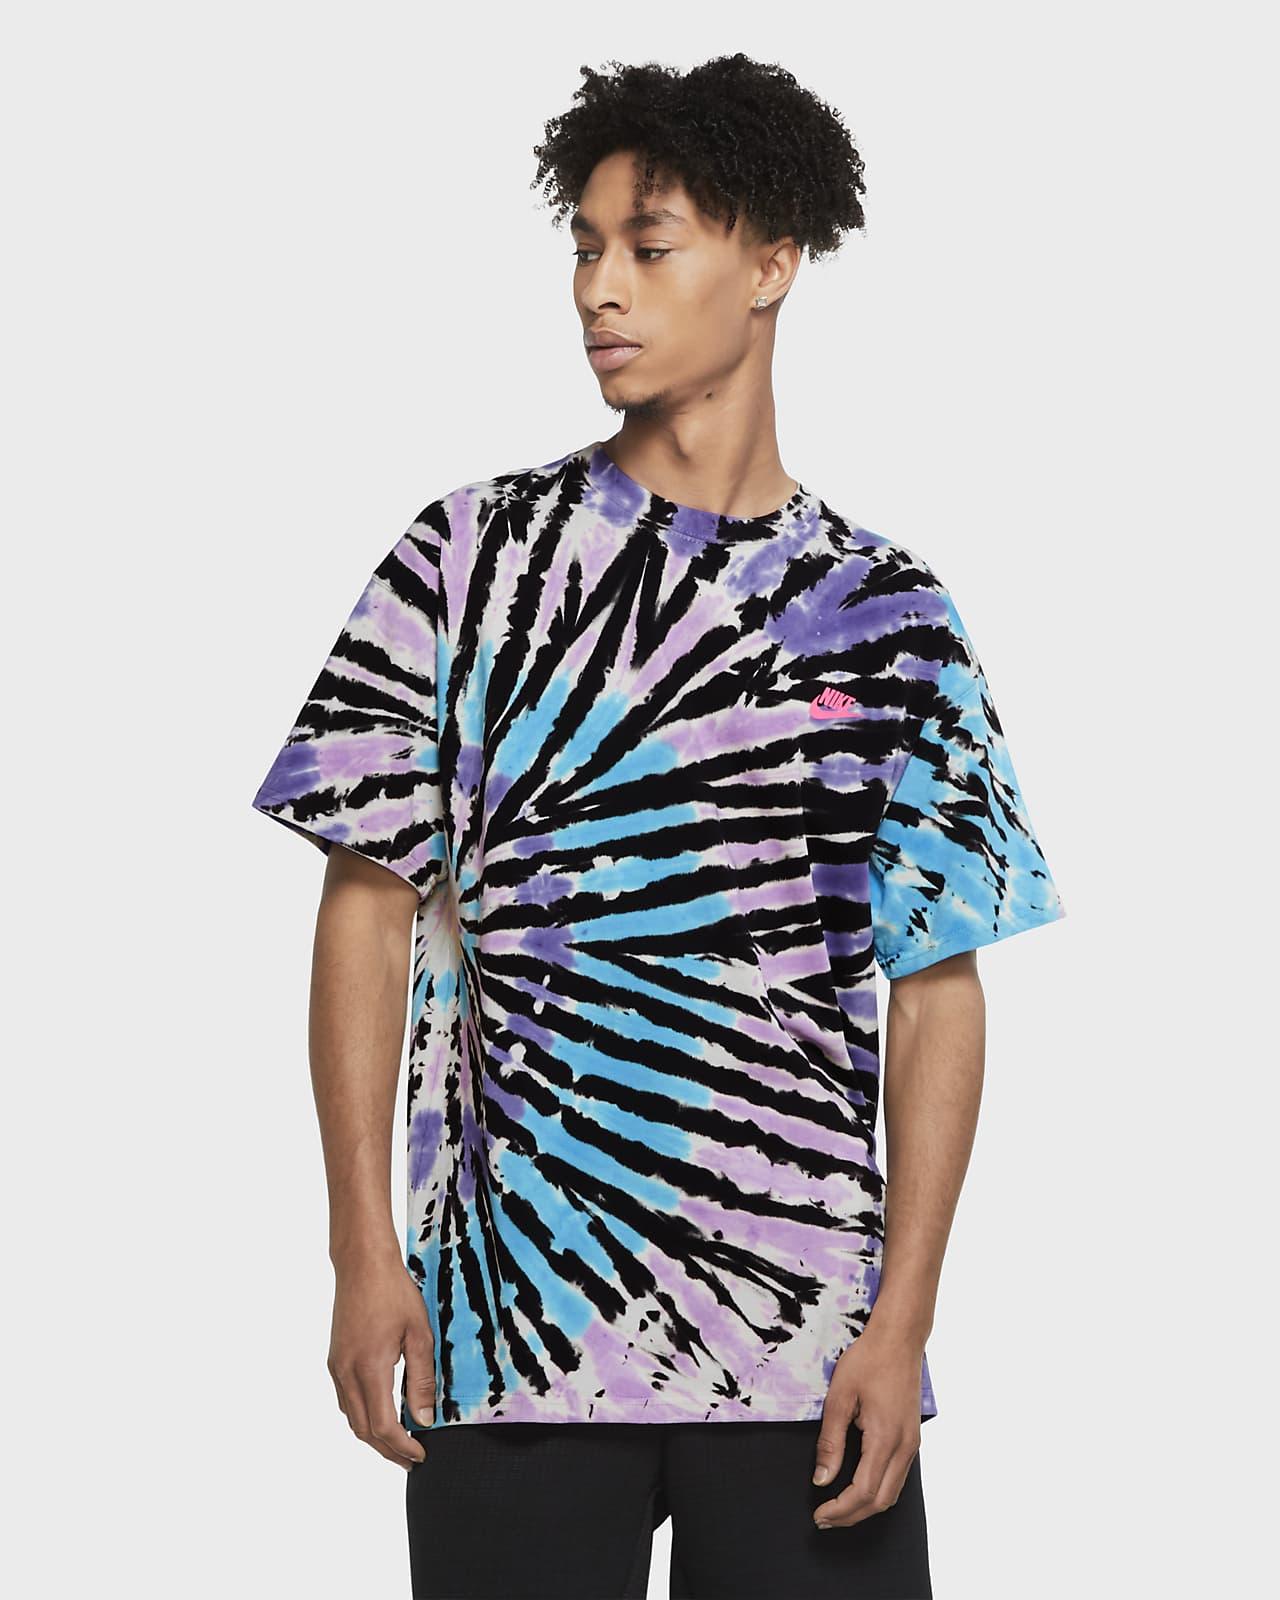 men's tie dye shirts